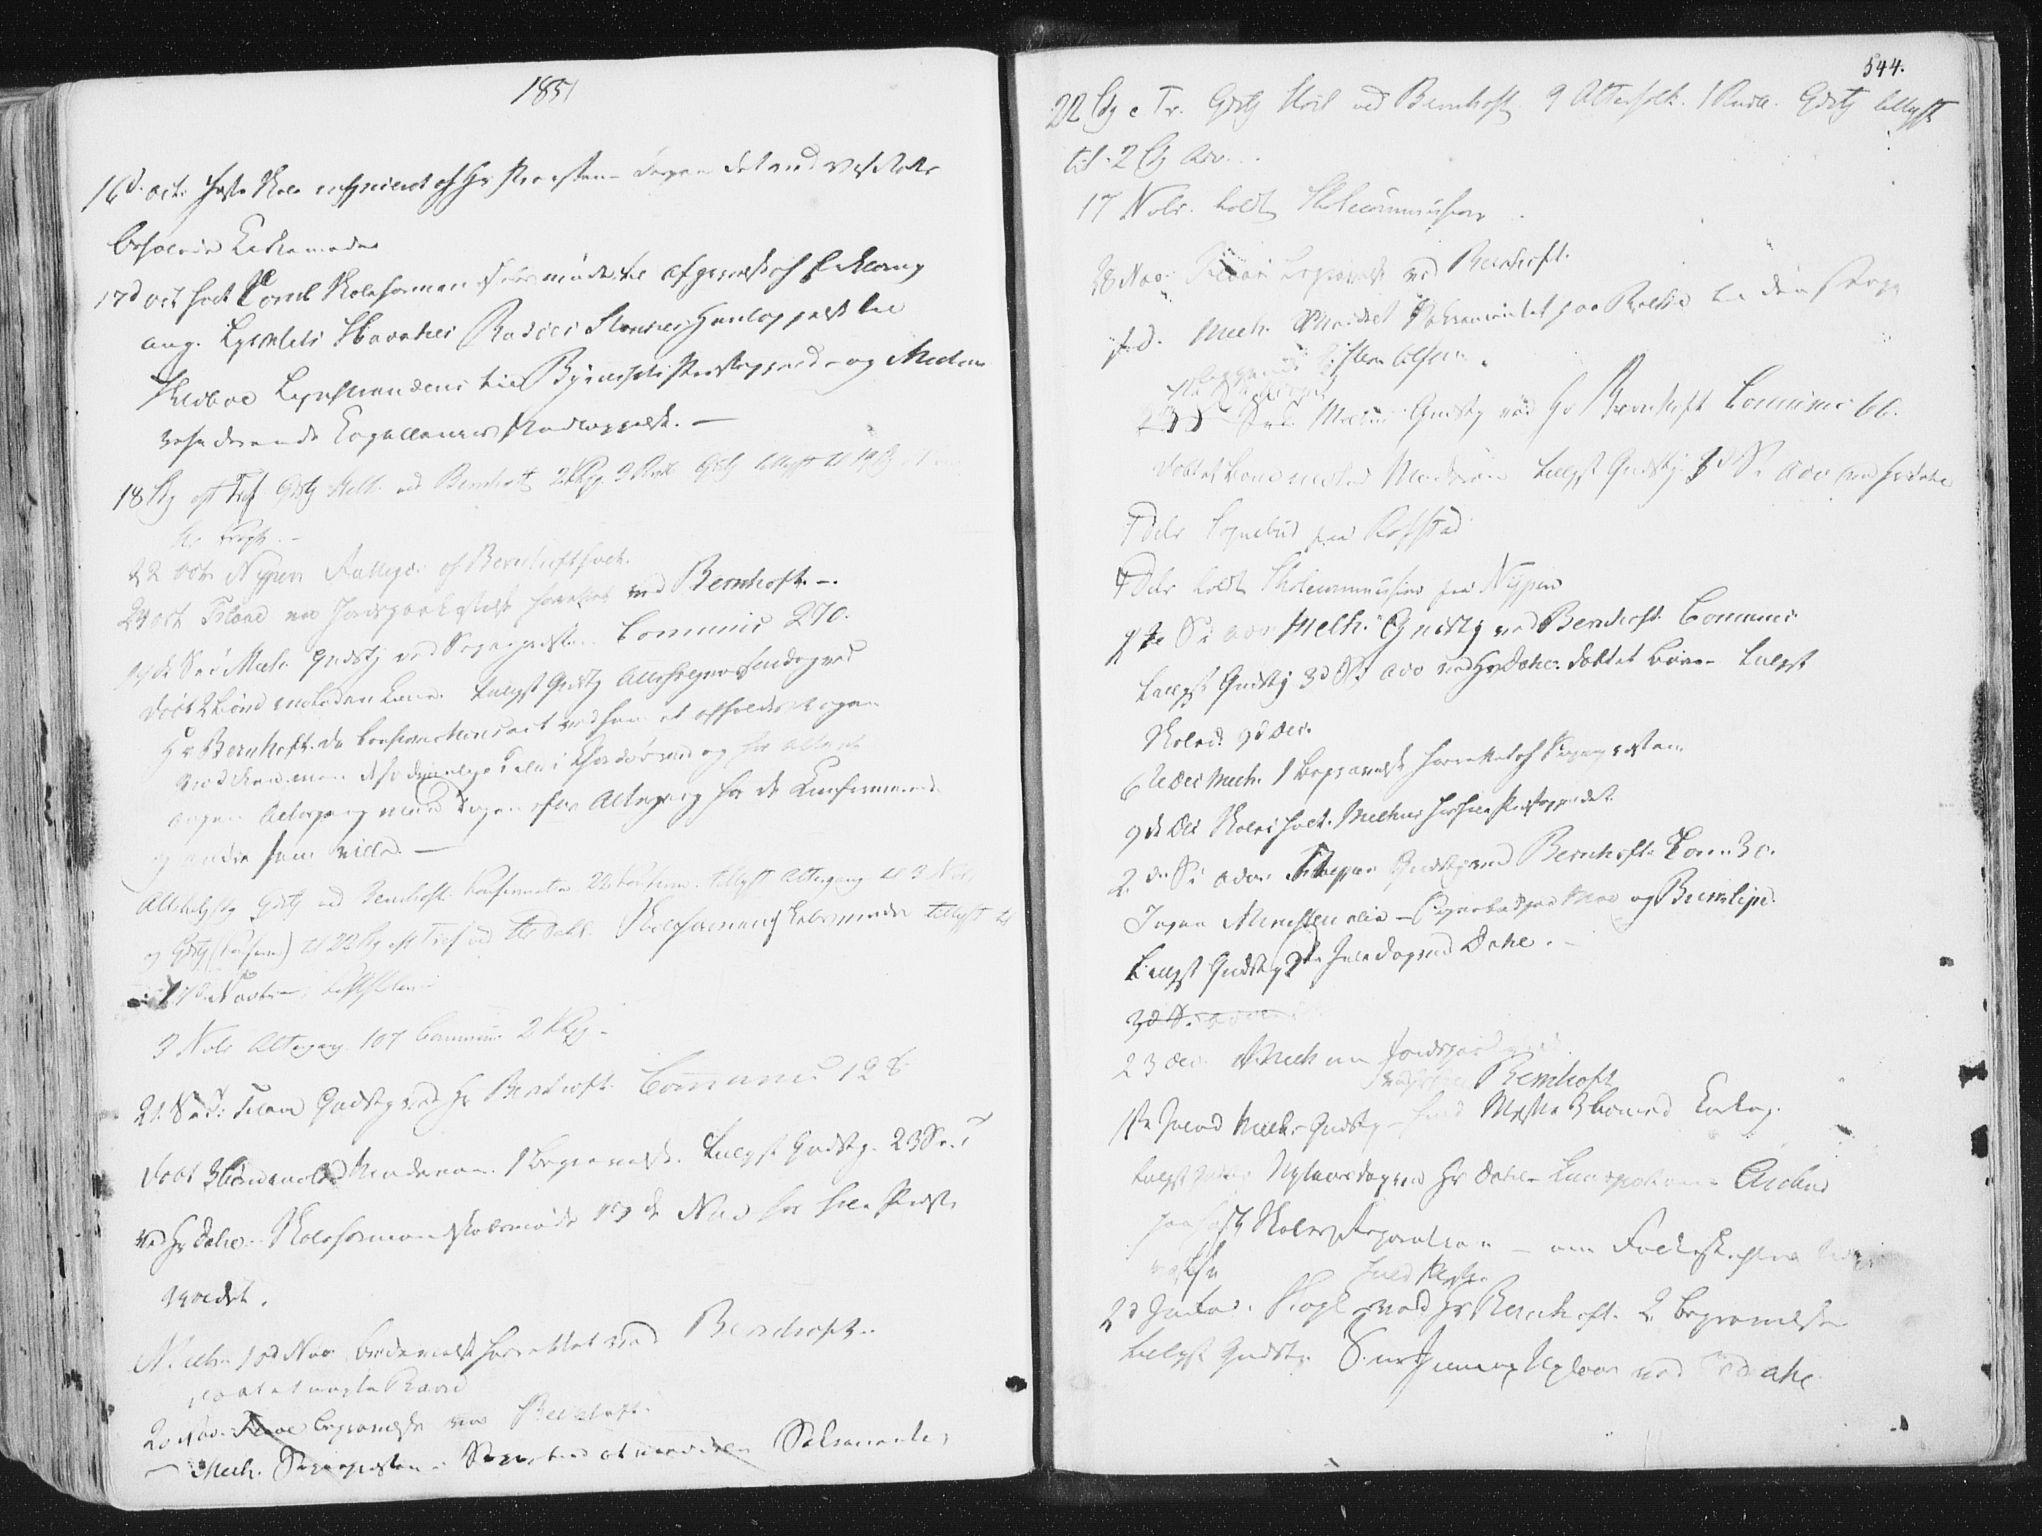 SAT, Ministerialprotokoller, klokkerbøker og fødselsregistre - Sør-Trøndelag, 691/L1074: Ministerialbok nr. 691A06, 1842-1852, s. 544